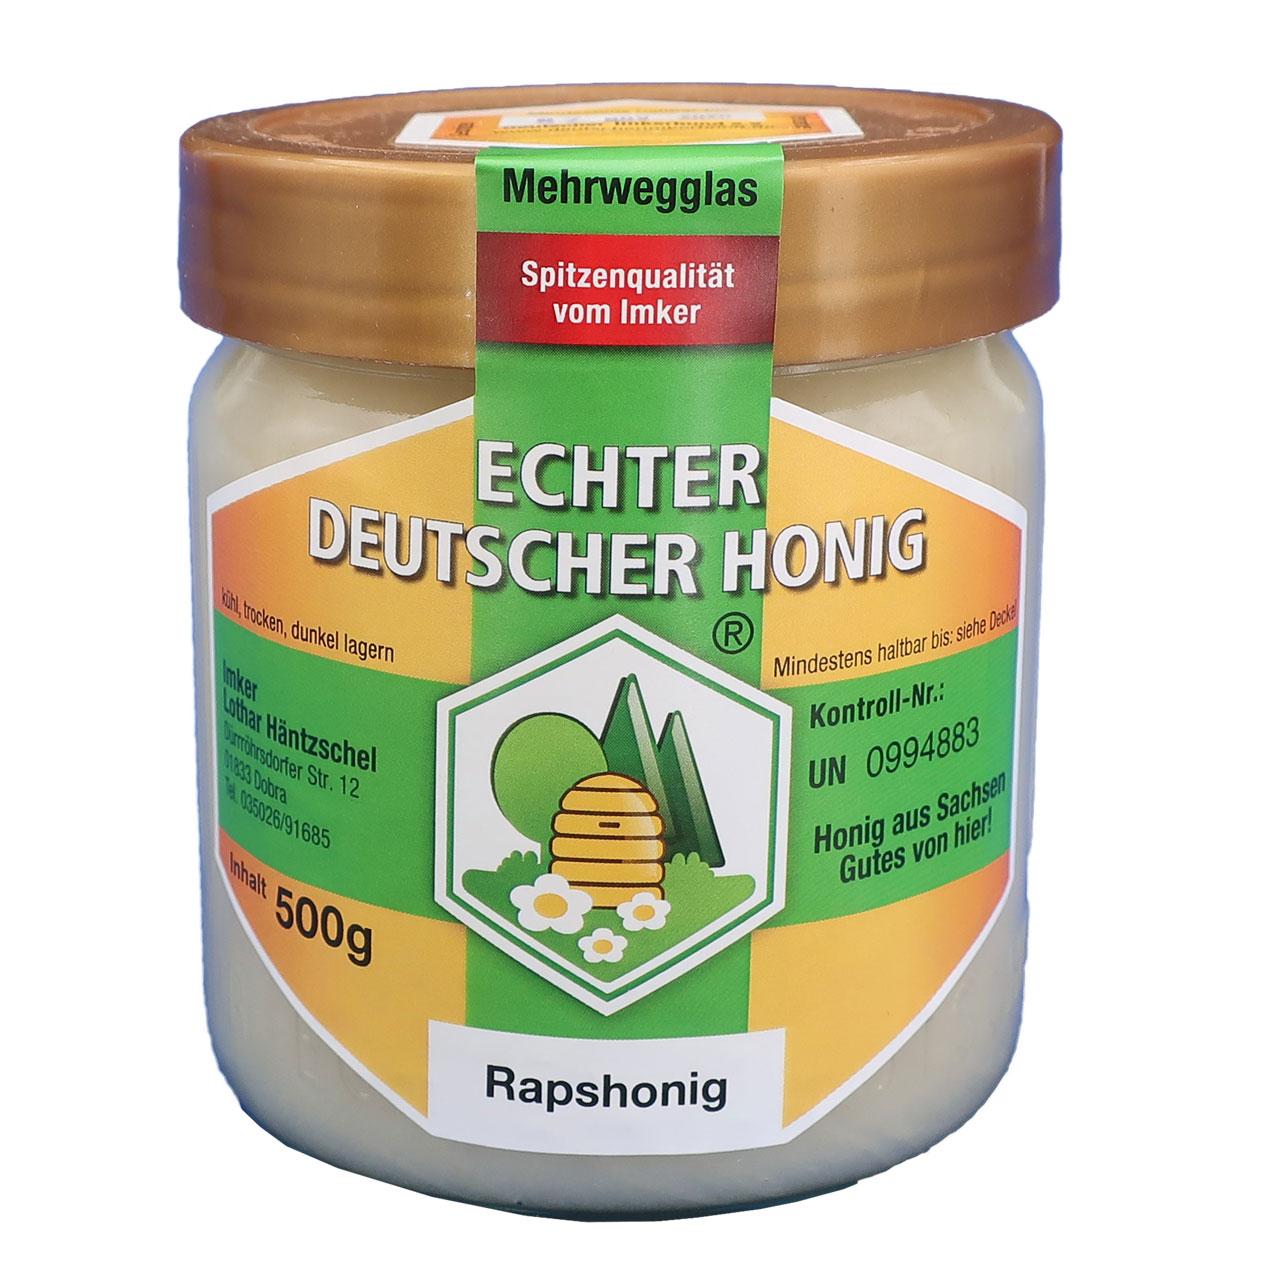 Echter Deutscher Honig - Rapshonig, 500 g